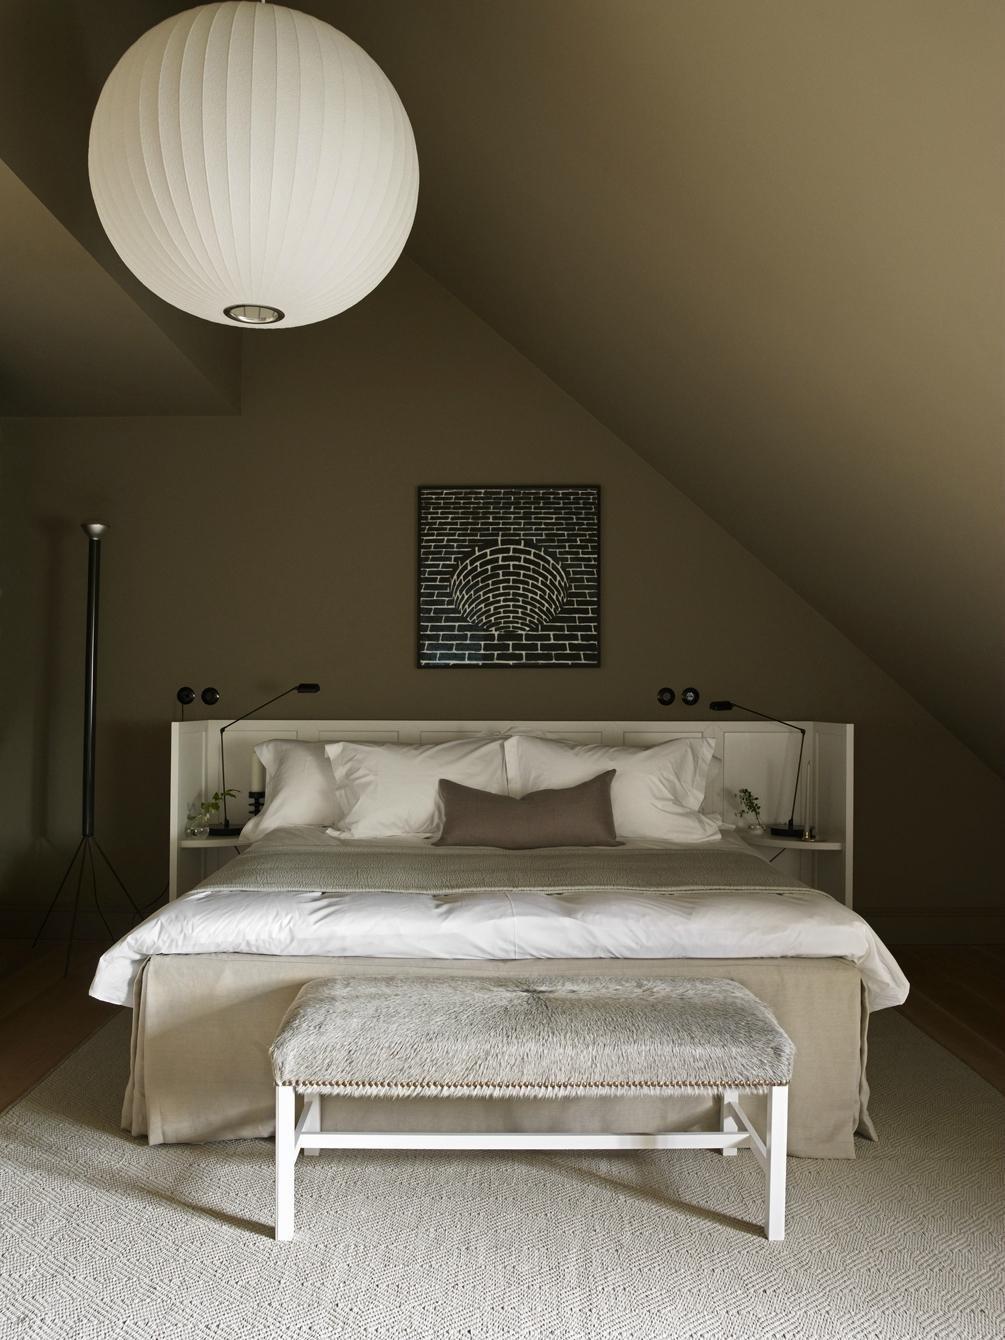 Bedroom, Pendant, Table, Rug, Bench, Night Stands, and Bed  Best Bedroom Bed Rug Bench Pendant Photos from Ett Hem